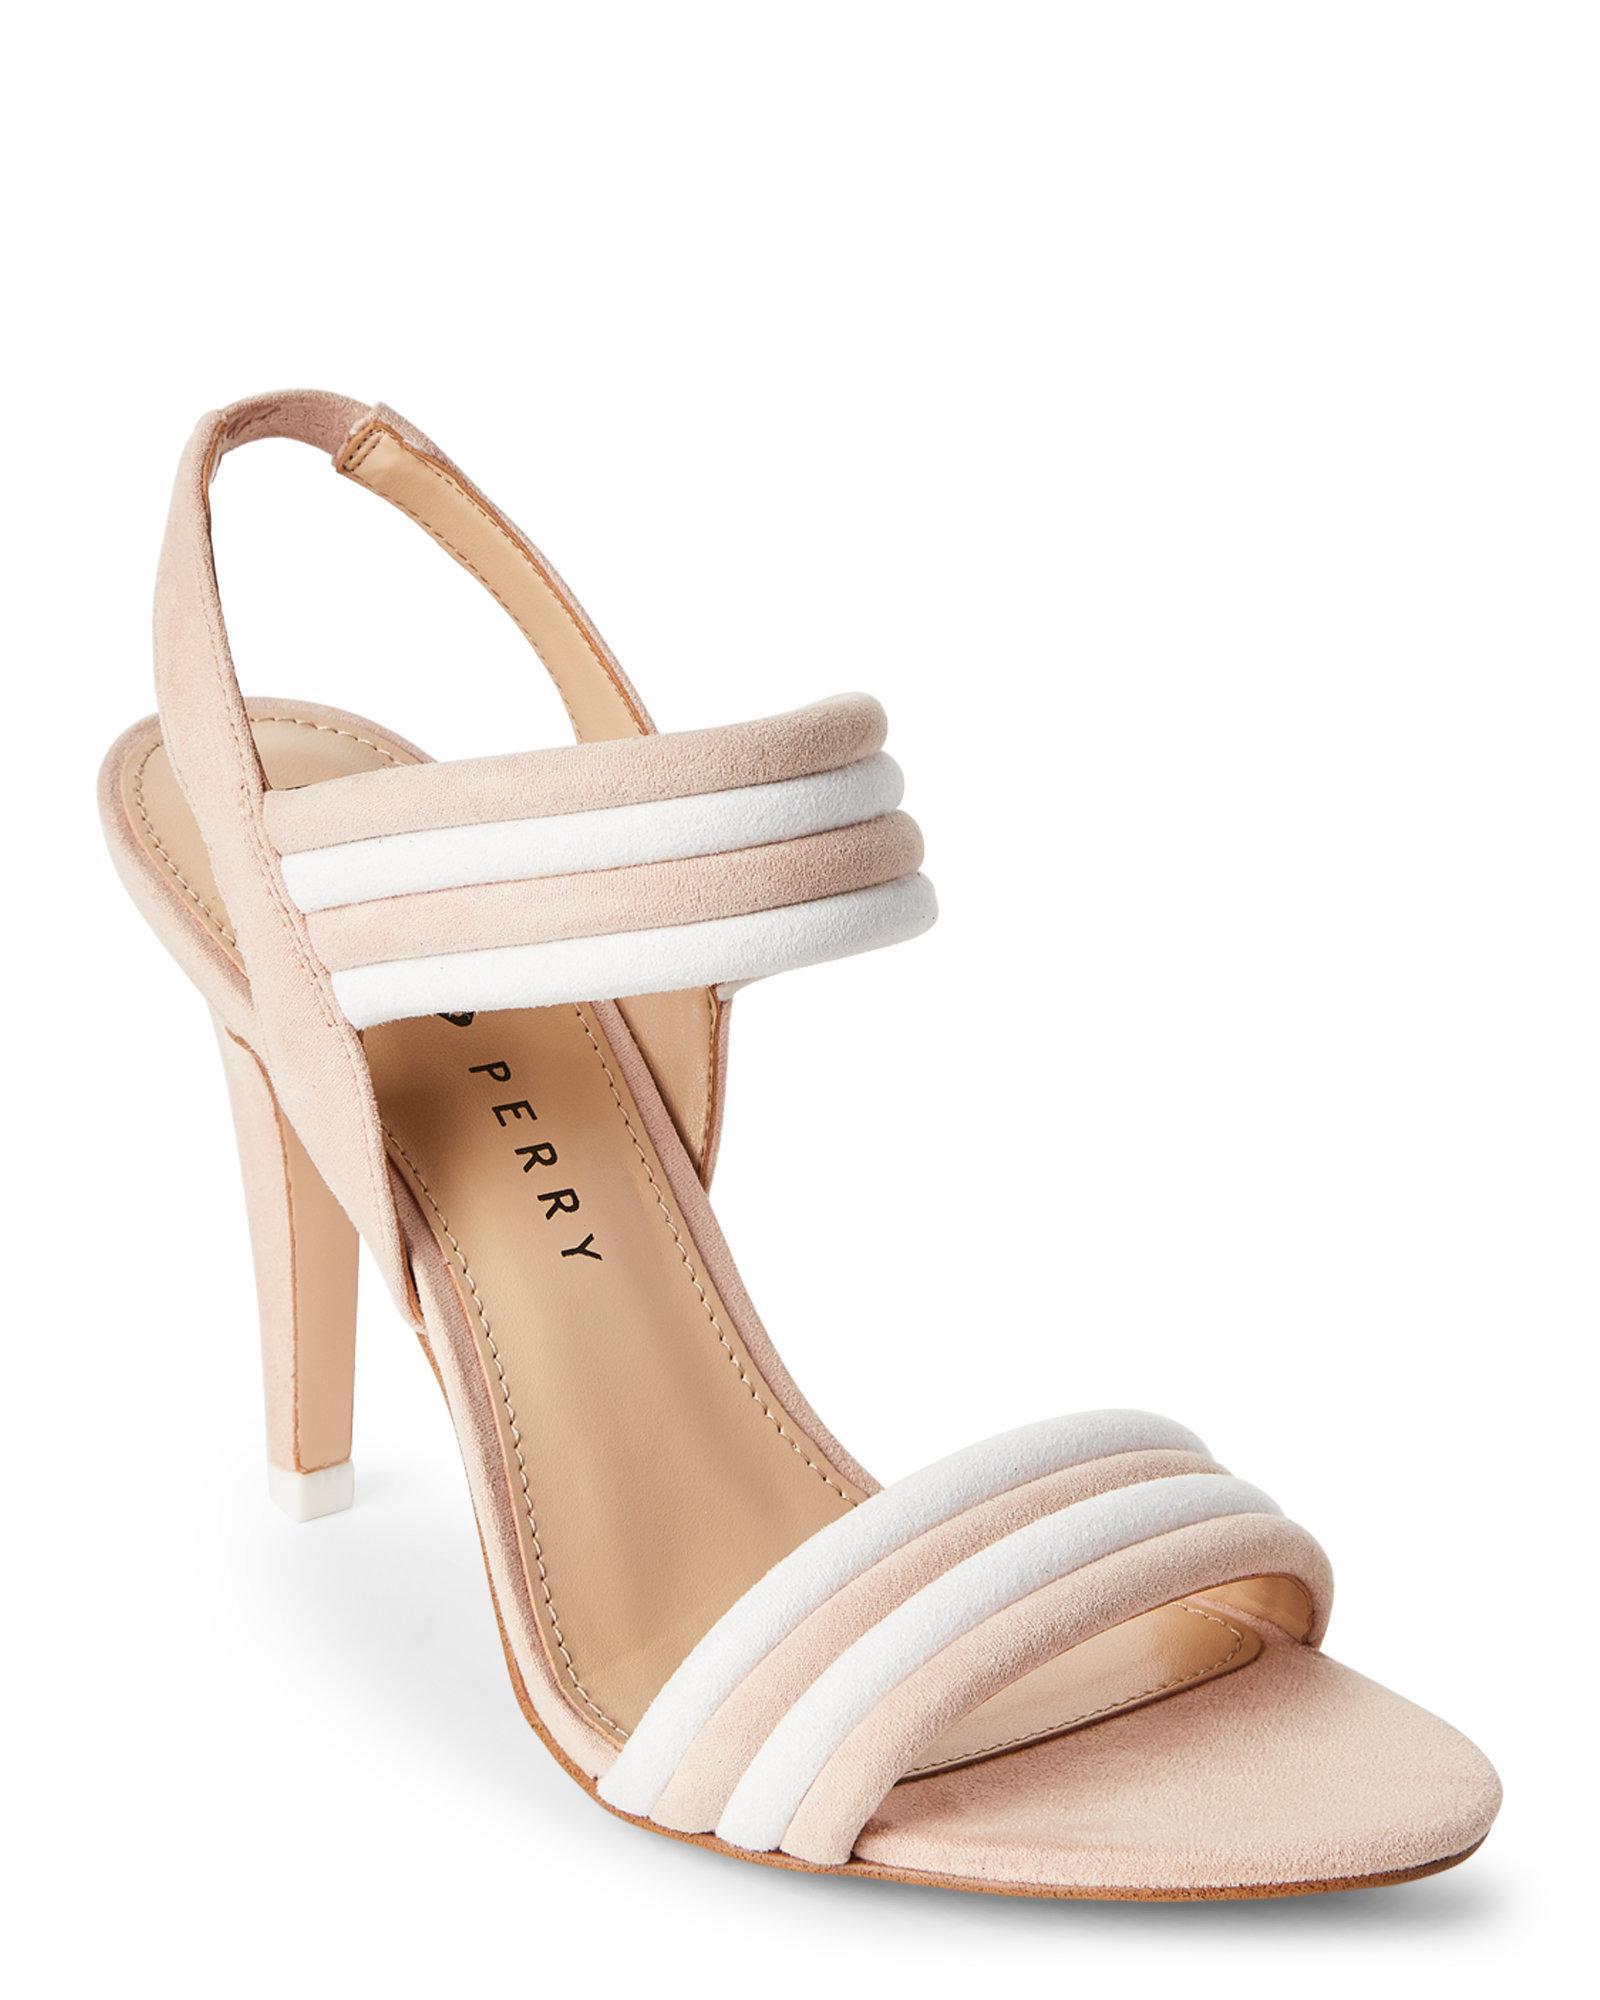 Katy Perry The Alexxia Slingback Dress Sandals ZJoDLYYFvI